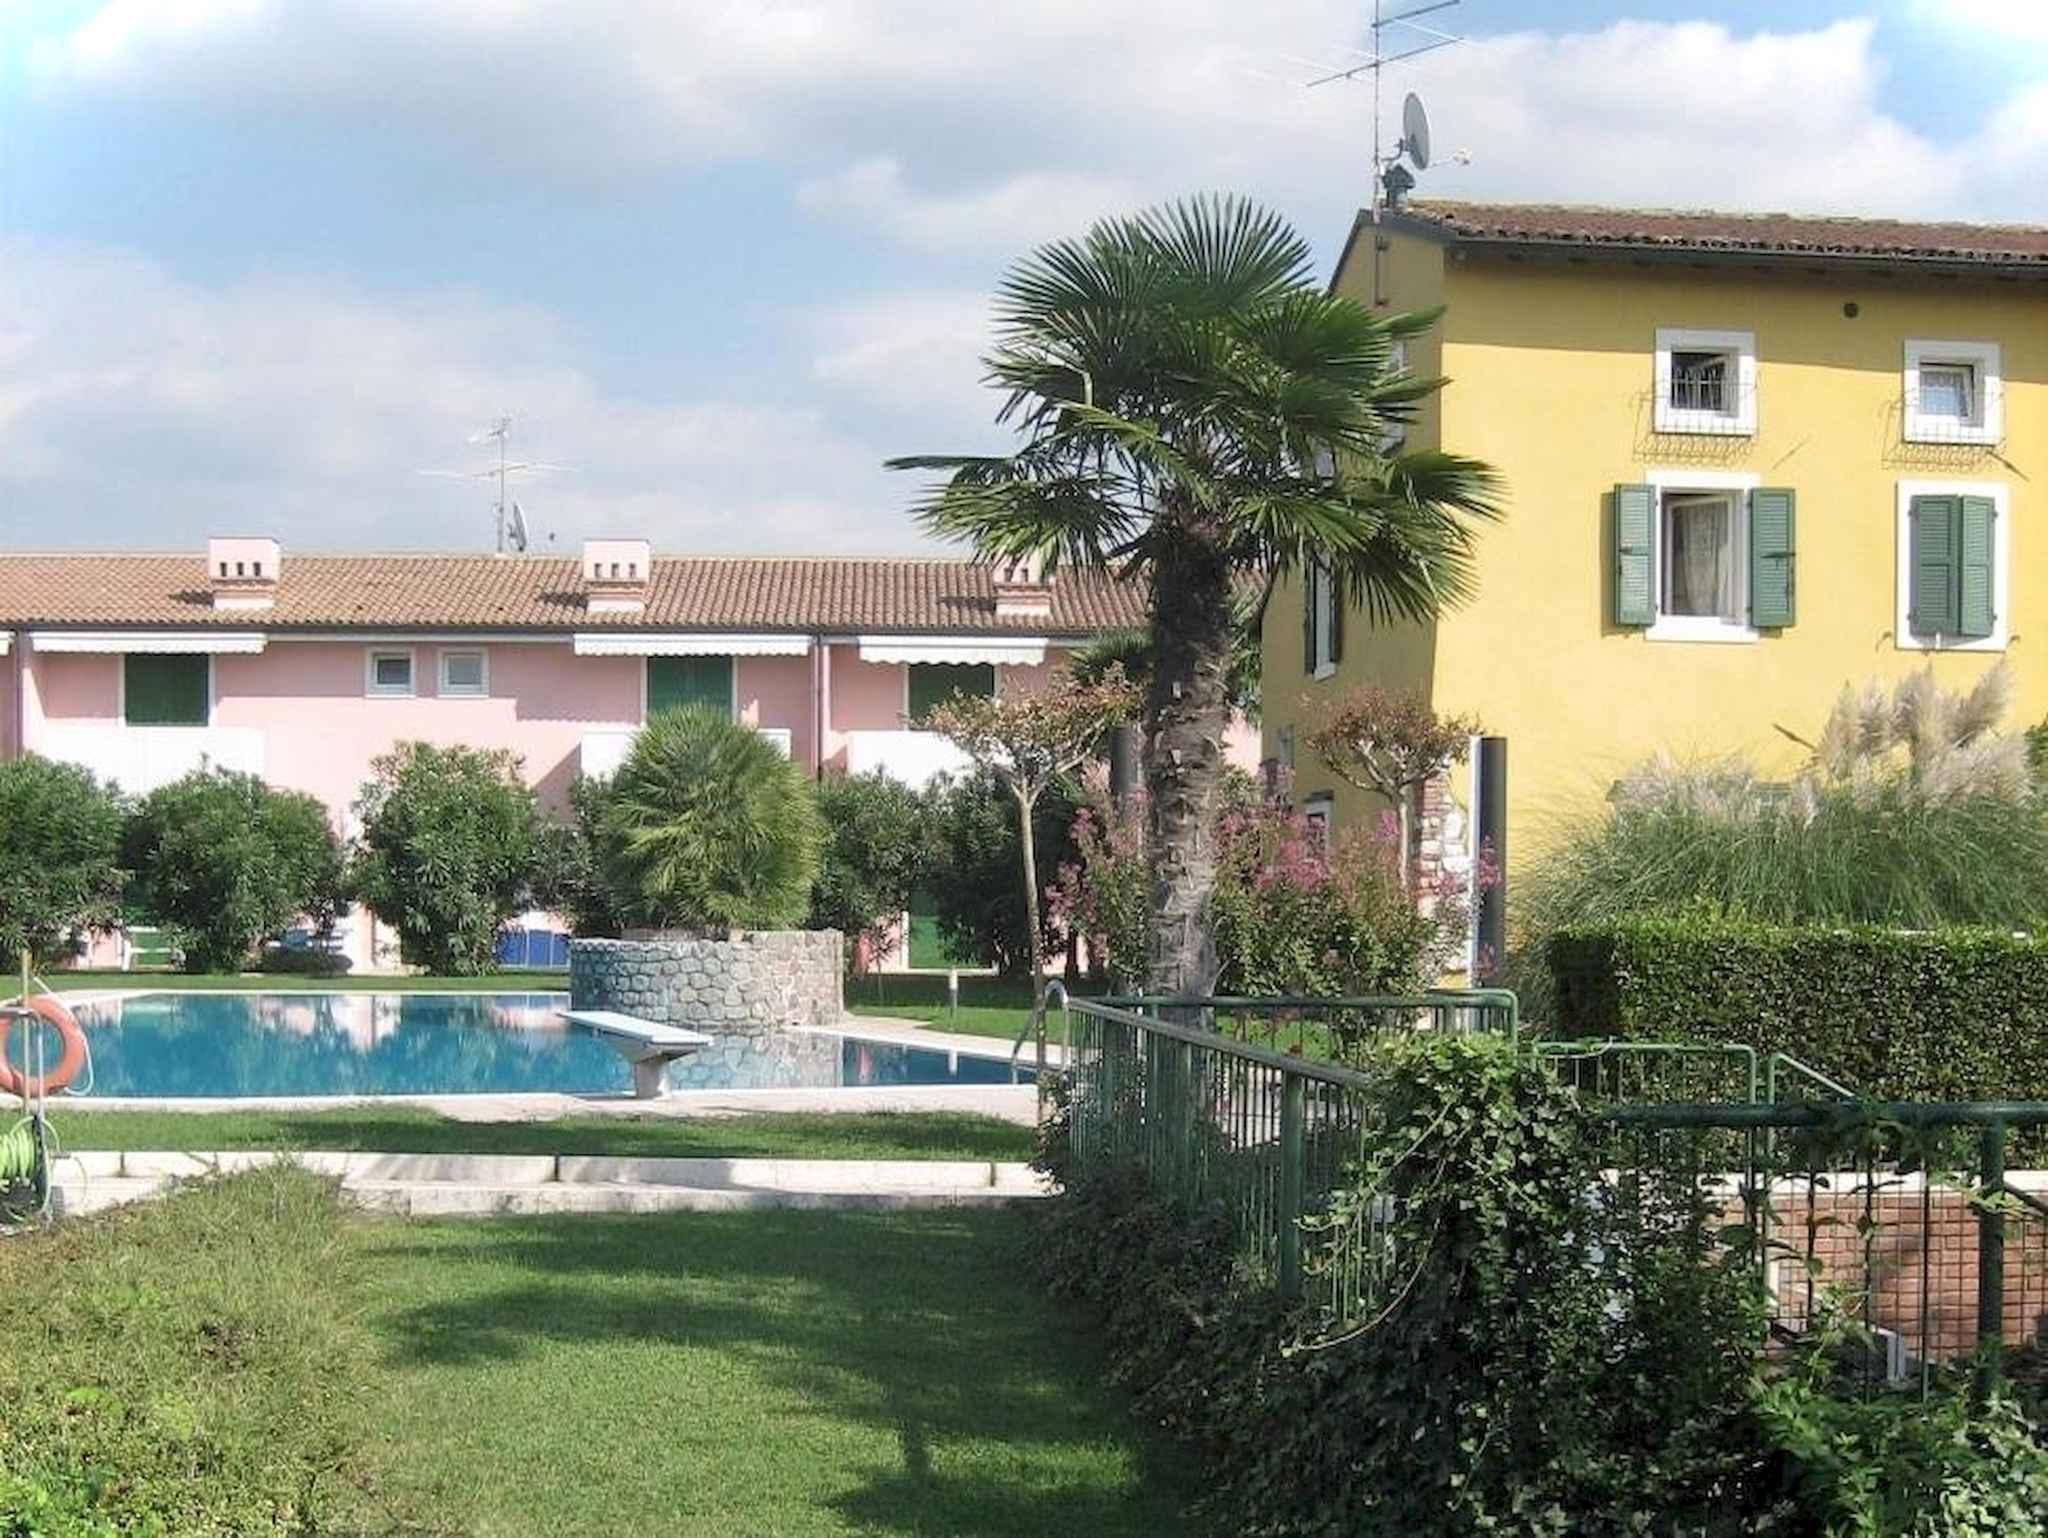 Ferienwohnung con balcone (479075), Lazise, Gardasee, Venetien, Italien, Bild 8